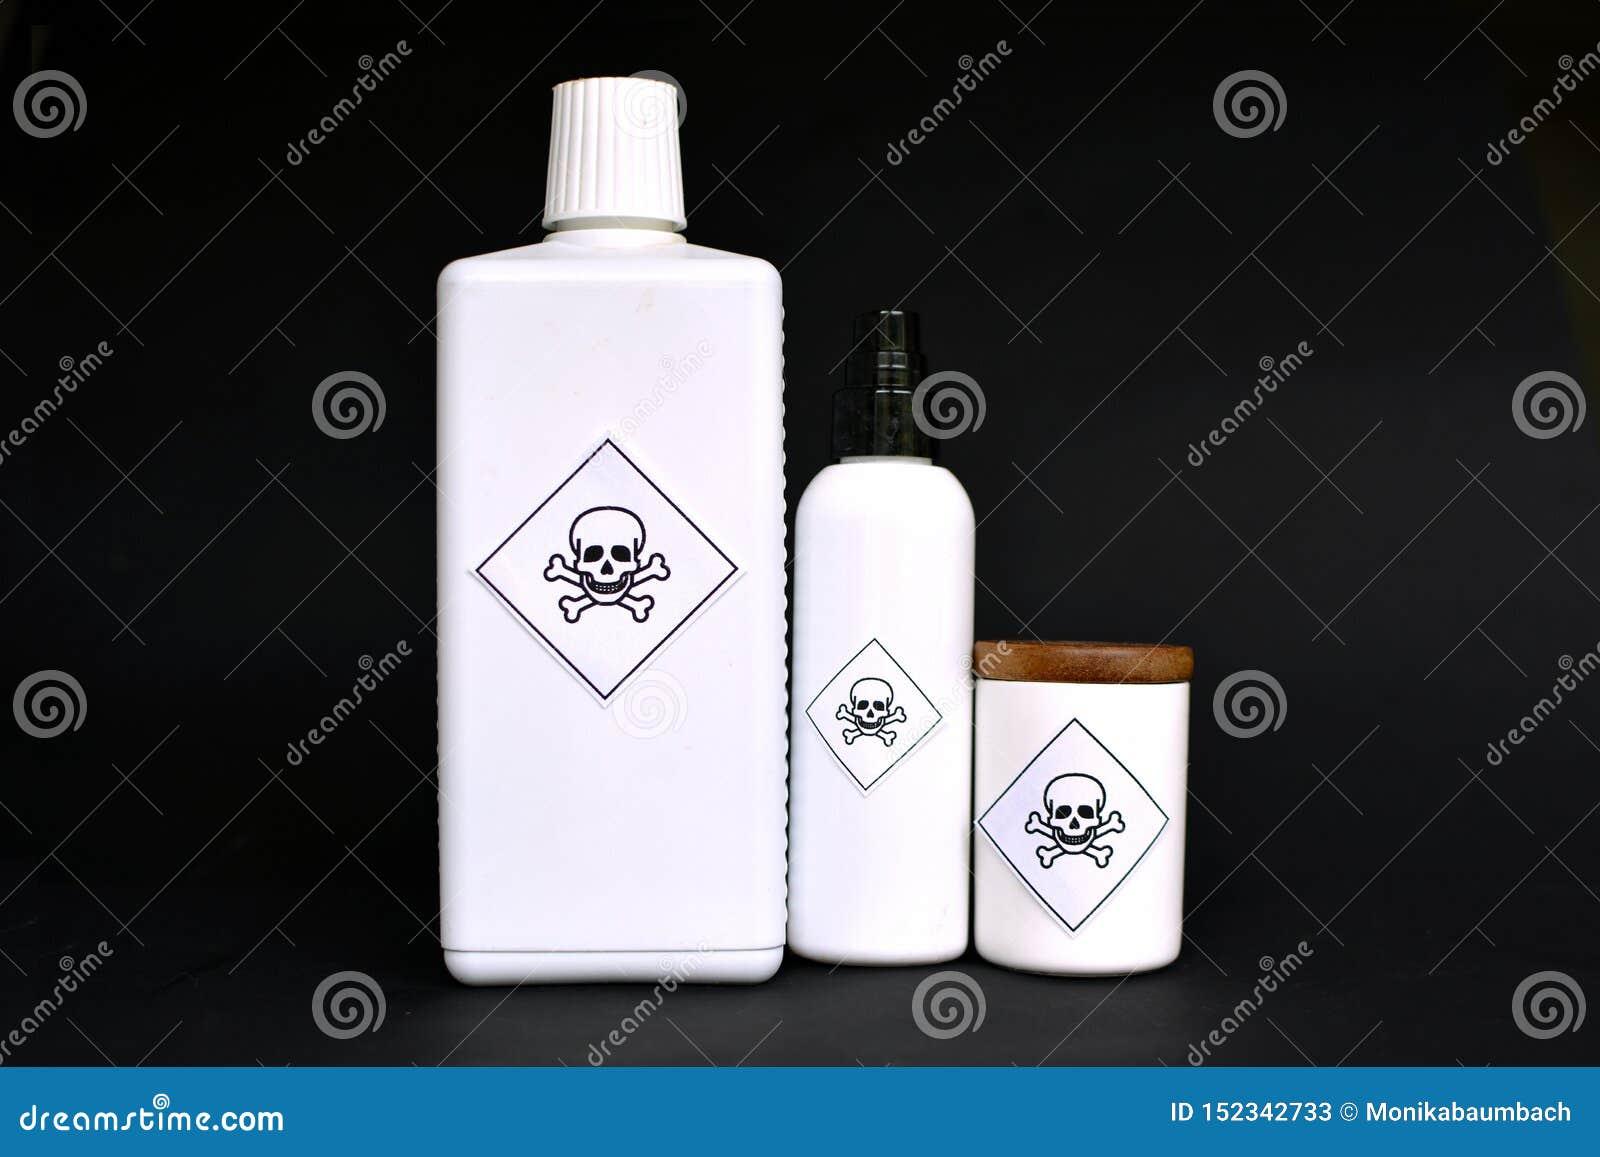 Verschiedene geformte weiße Behälter mit Giftaufklebern auf schwarzem Hintergrund